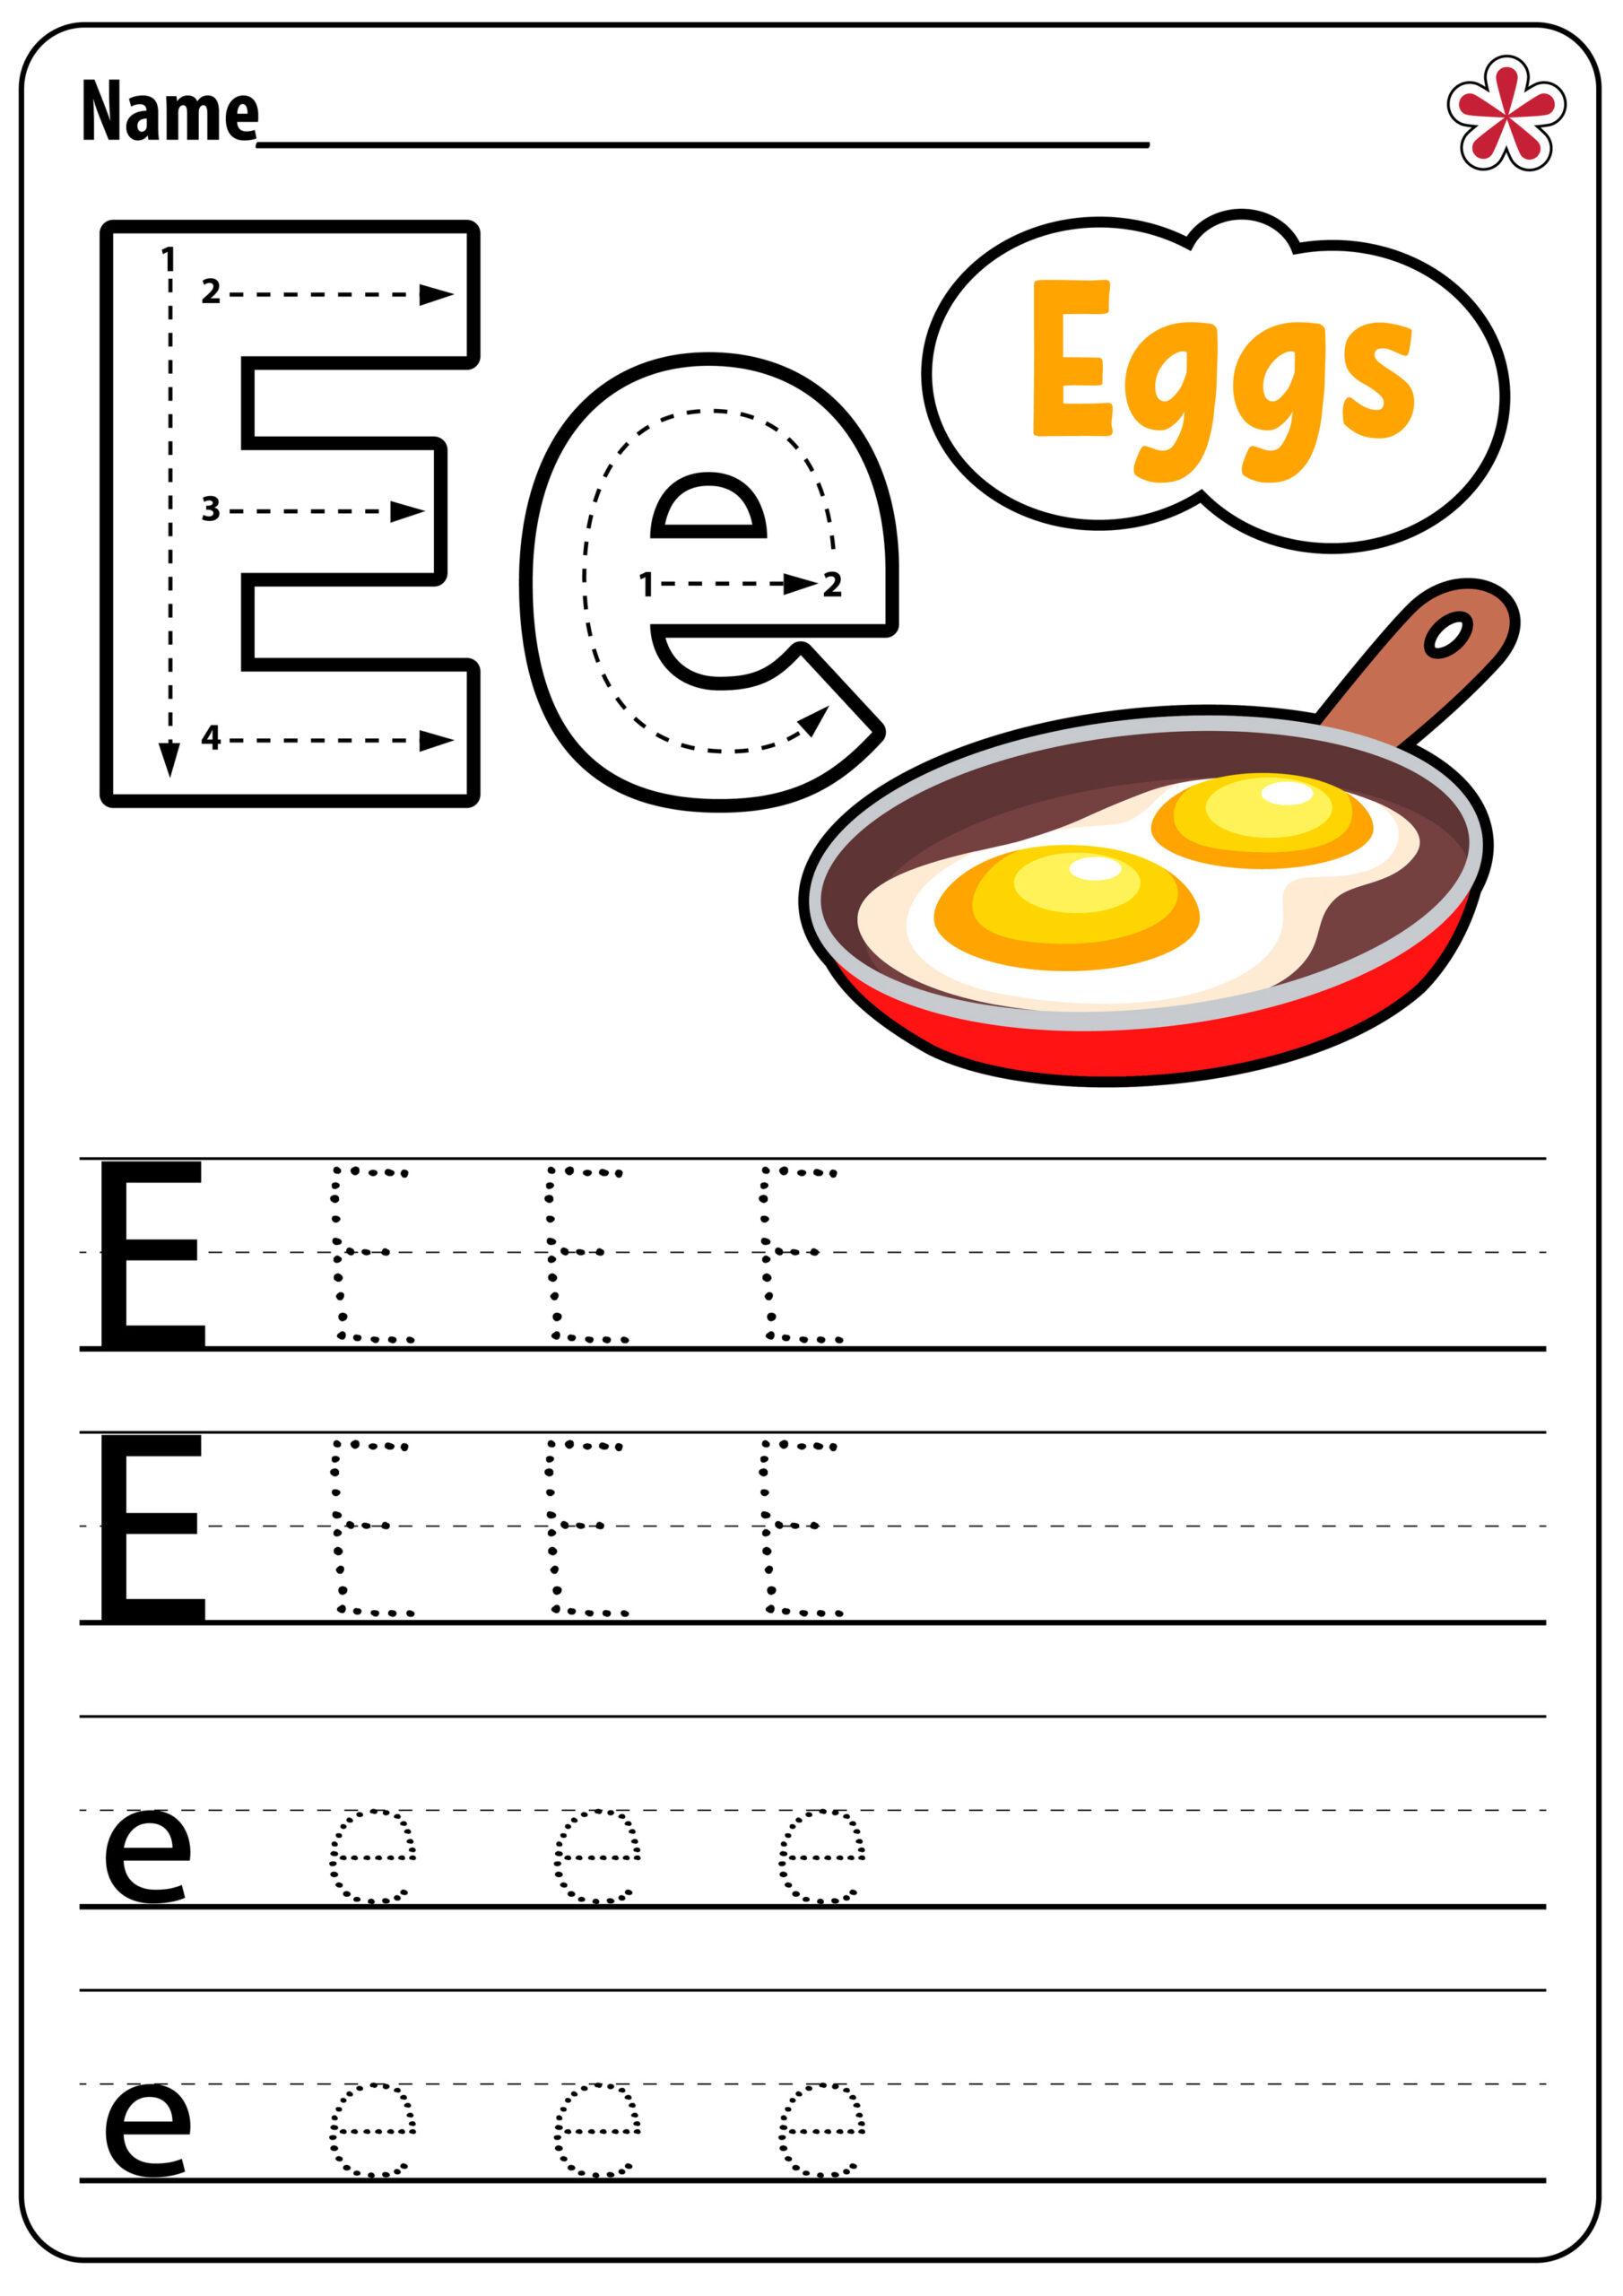 Letter E Worksheets For Kindergarten And Preschool with regard to Letter E Worksheets For Toddlers